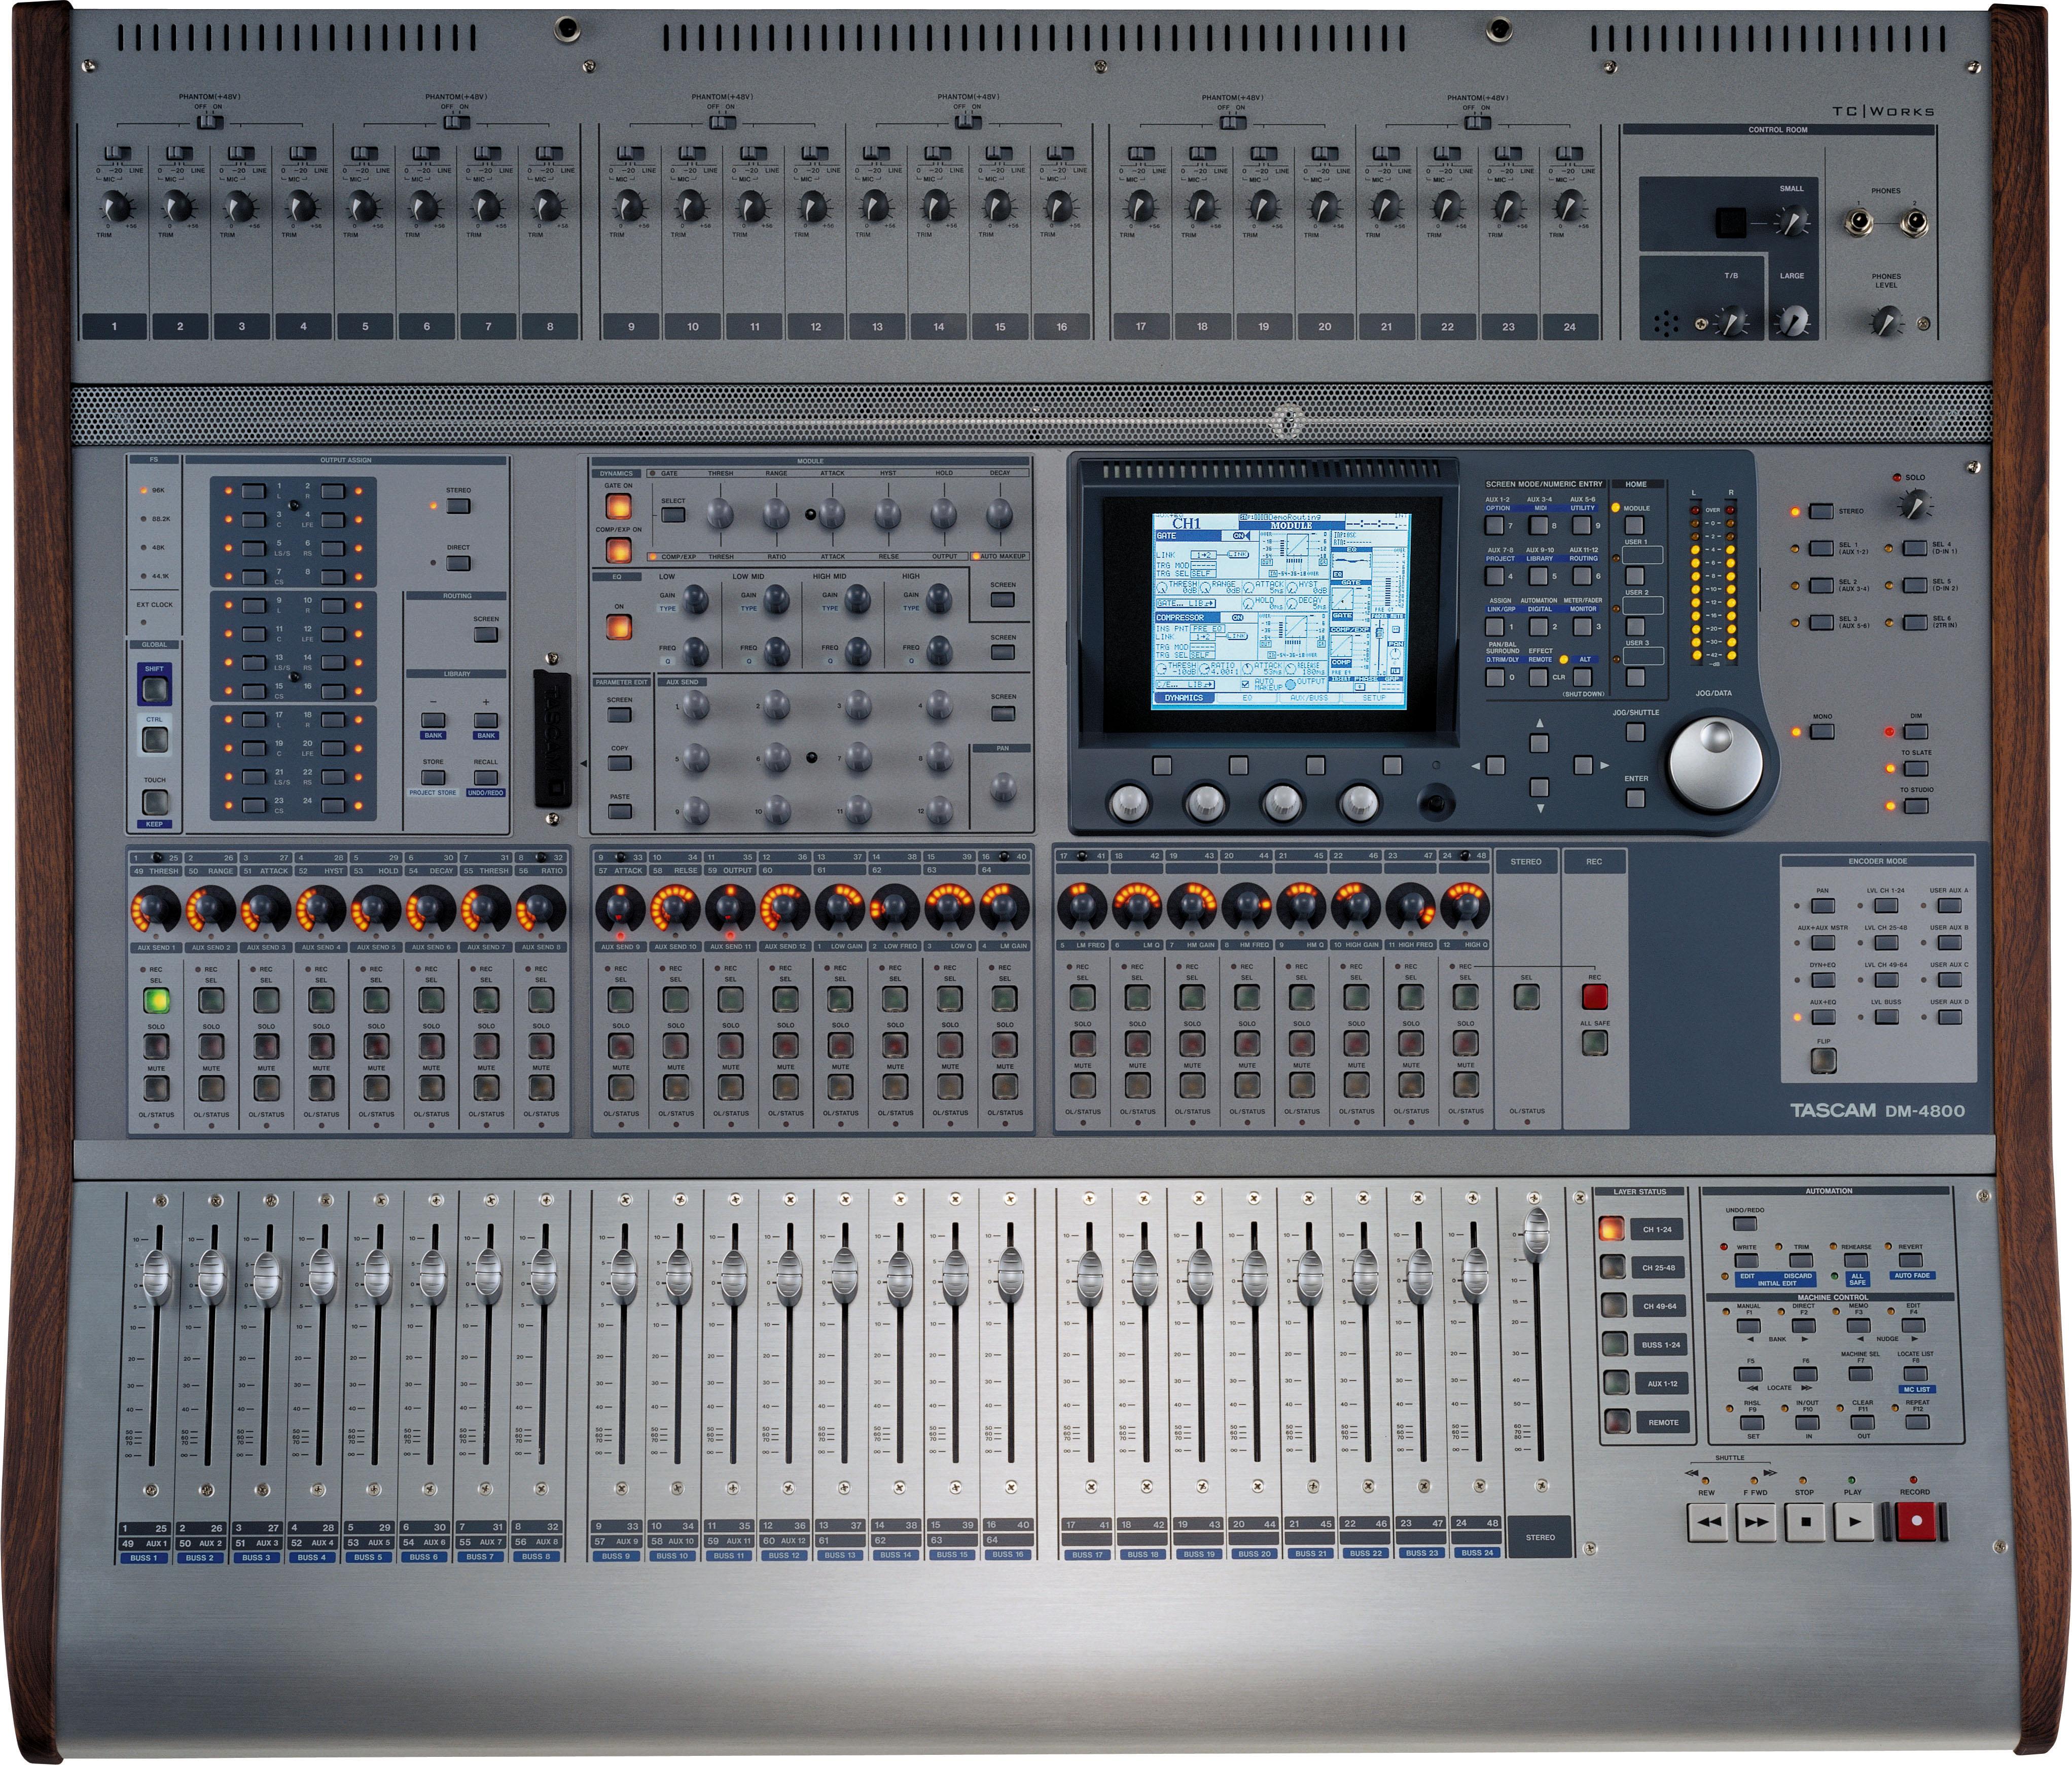 Tascam-DM-4800 mixing desk